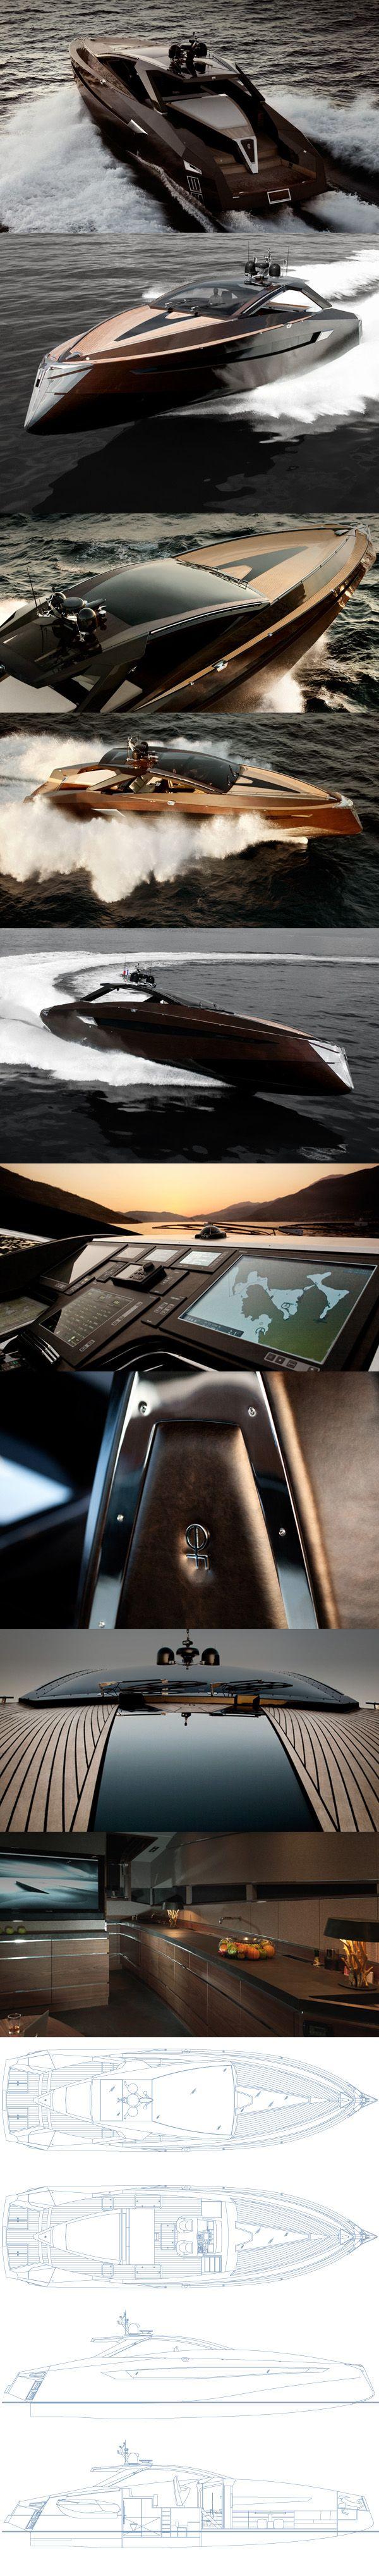 Art of Kinetik Hedonist #Yacht #luxury - www.remix-numerisation.fr - Rendez vos souvenirs durables ! - Numu00e9risation Transfert Duplication Sauvegarde de votre patrimoine audio et vidu00e9o familial